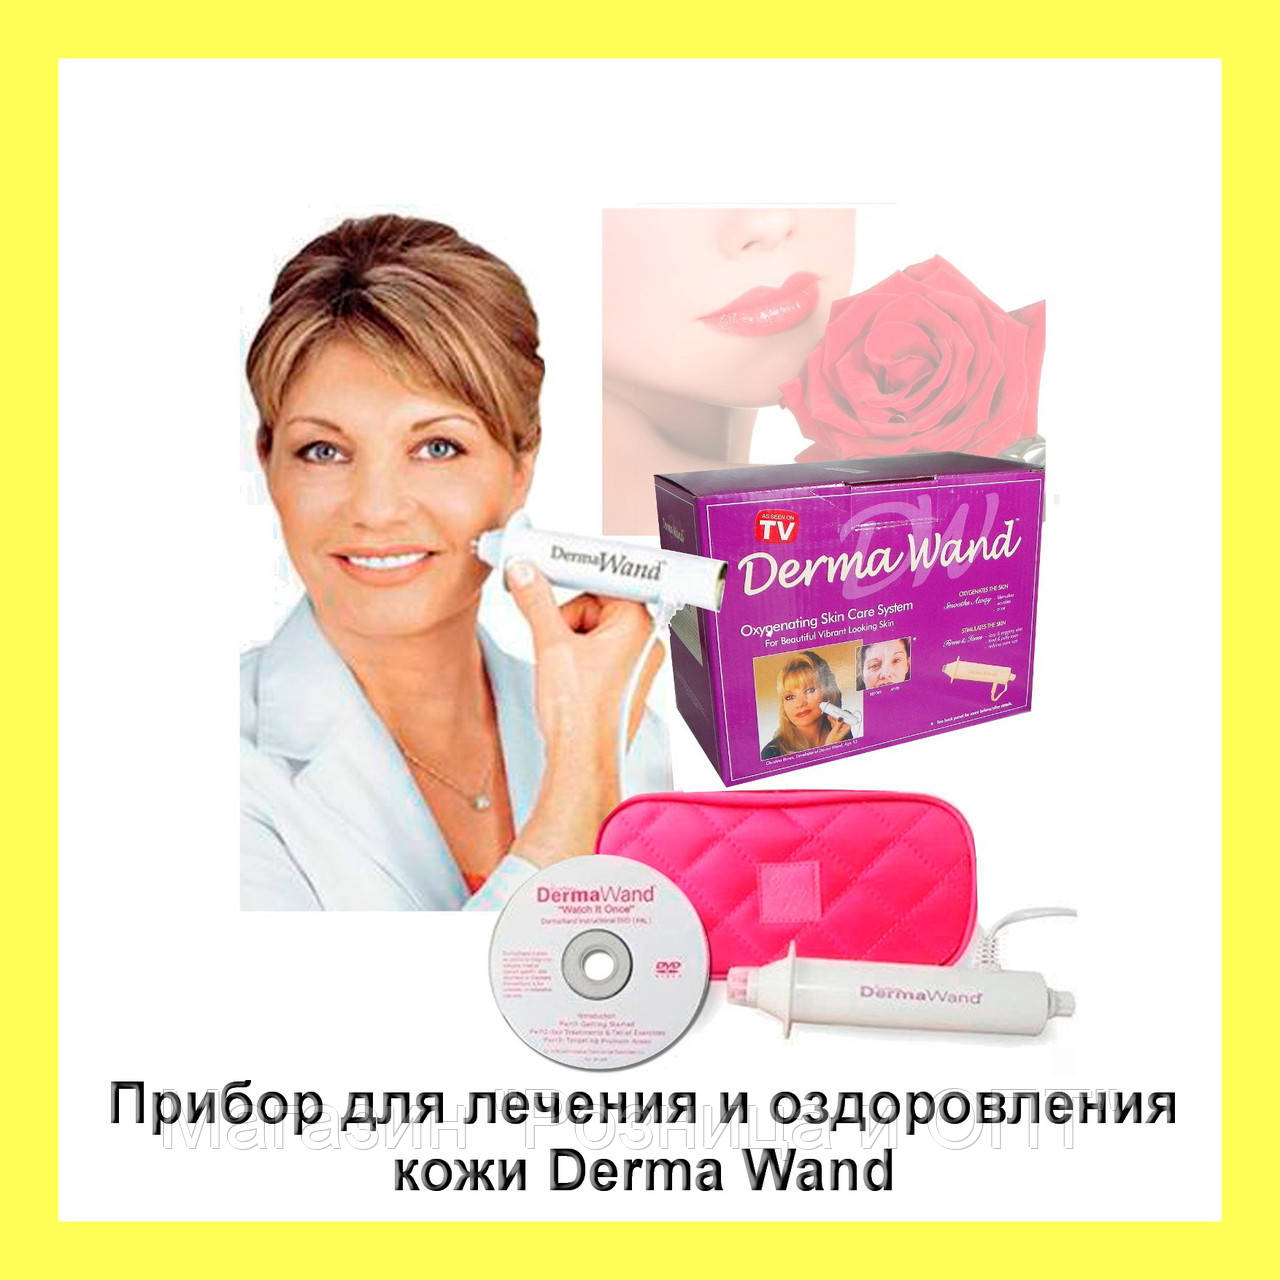 """Прибор для лечения и оздоровления кожи Derma Wand - Магазин """"Розница и ОПТ"""" в Одессе"""